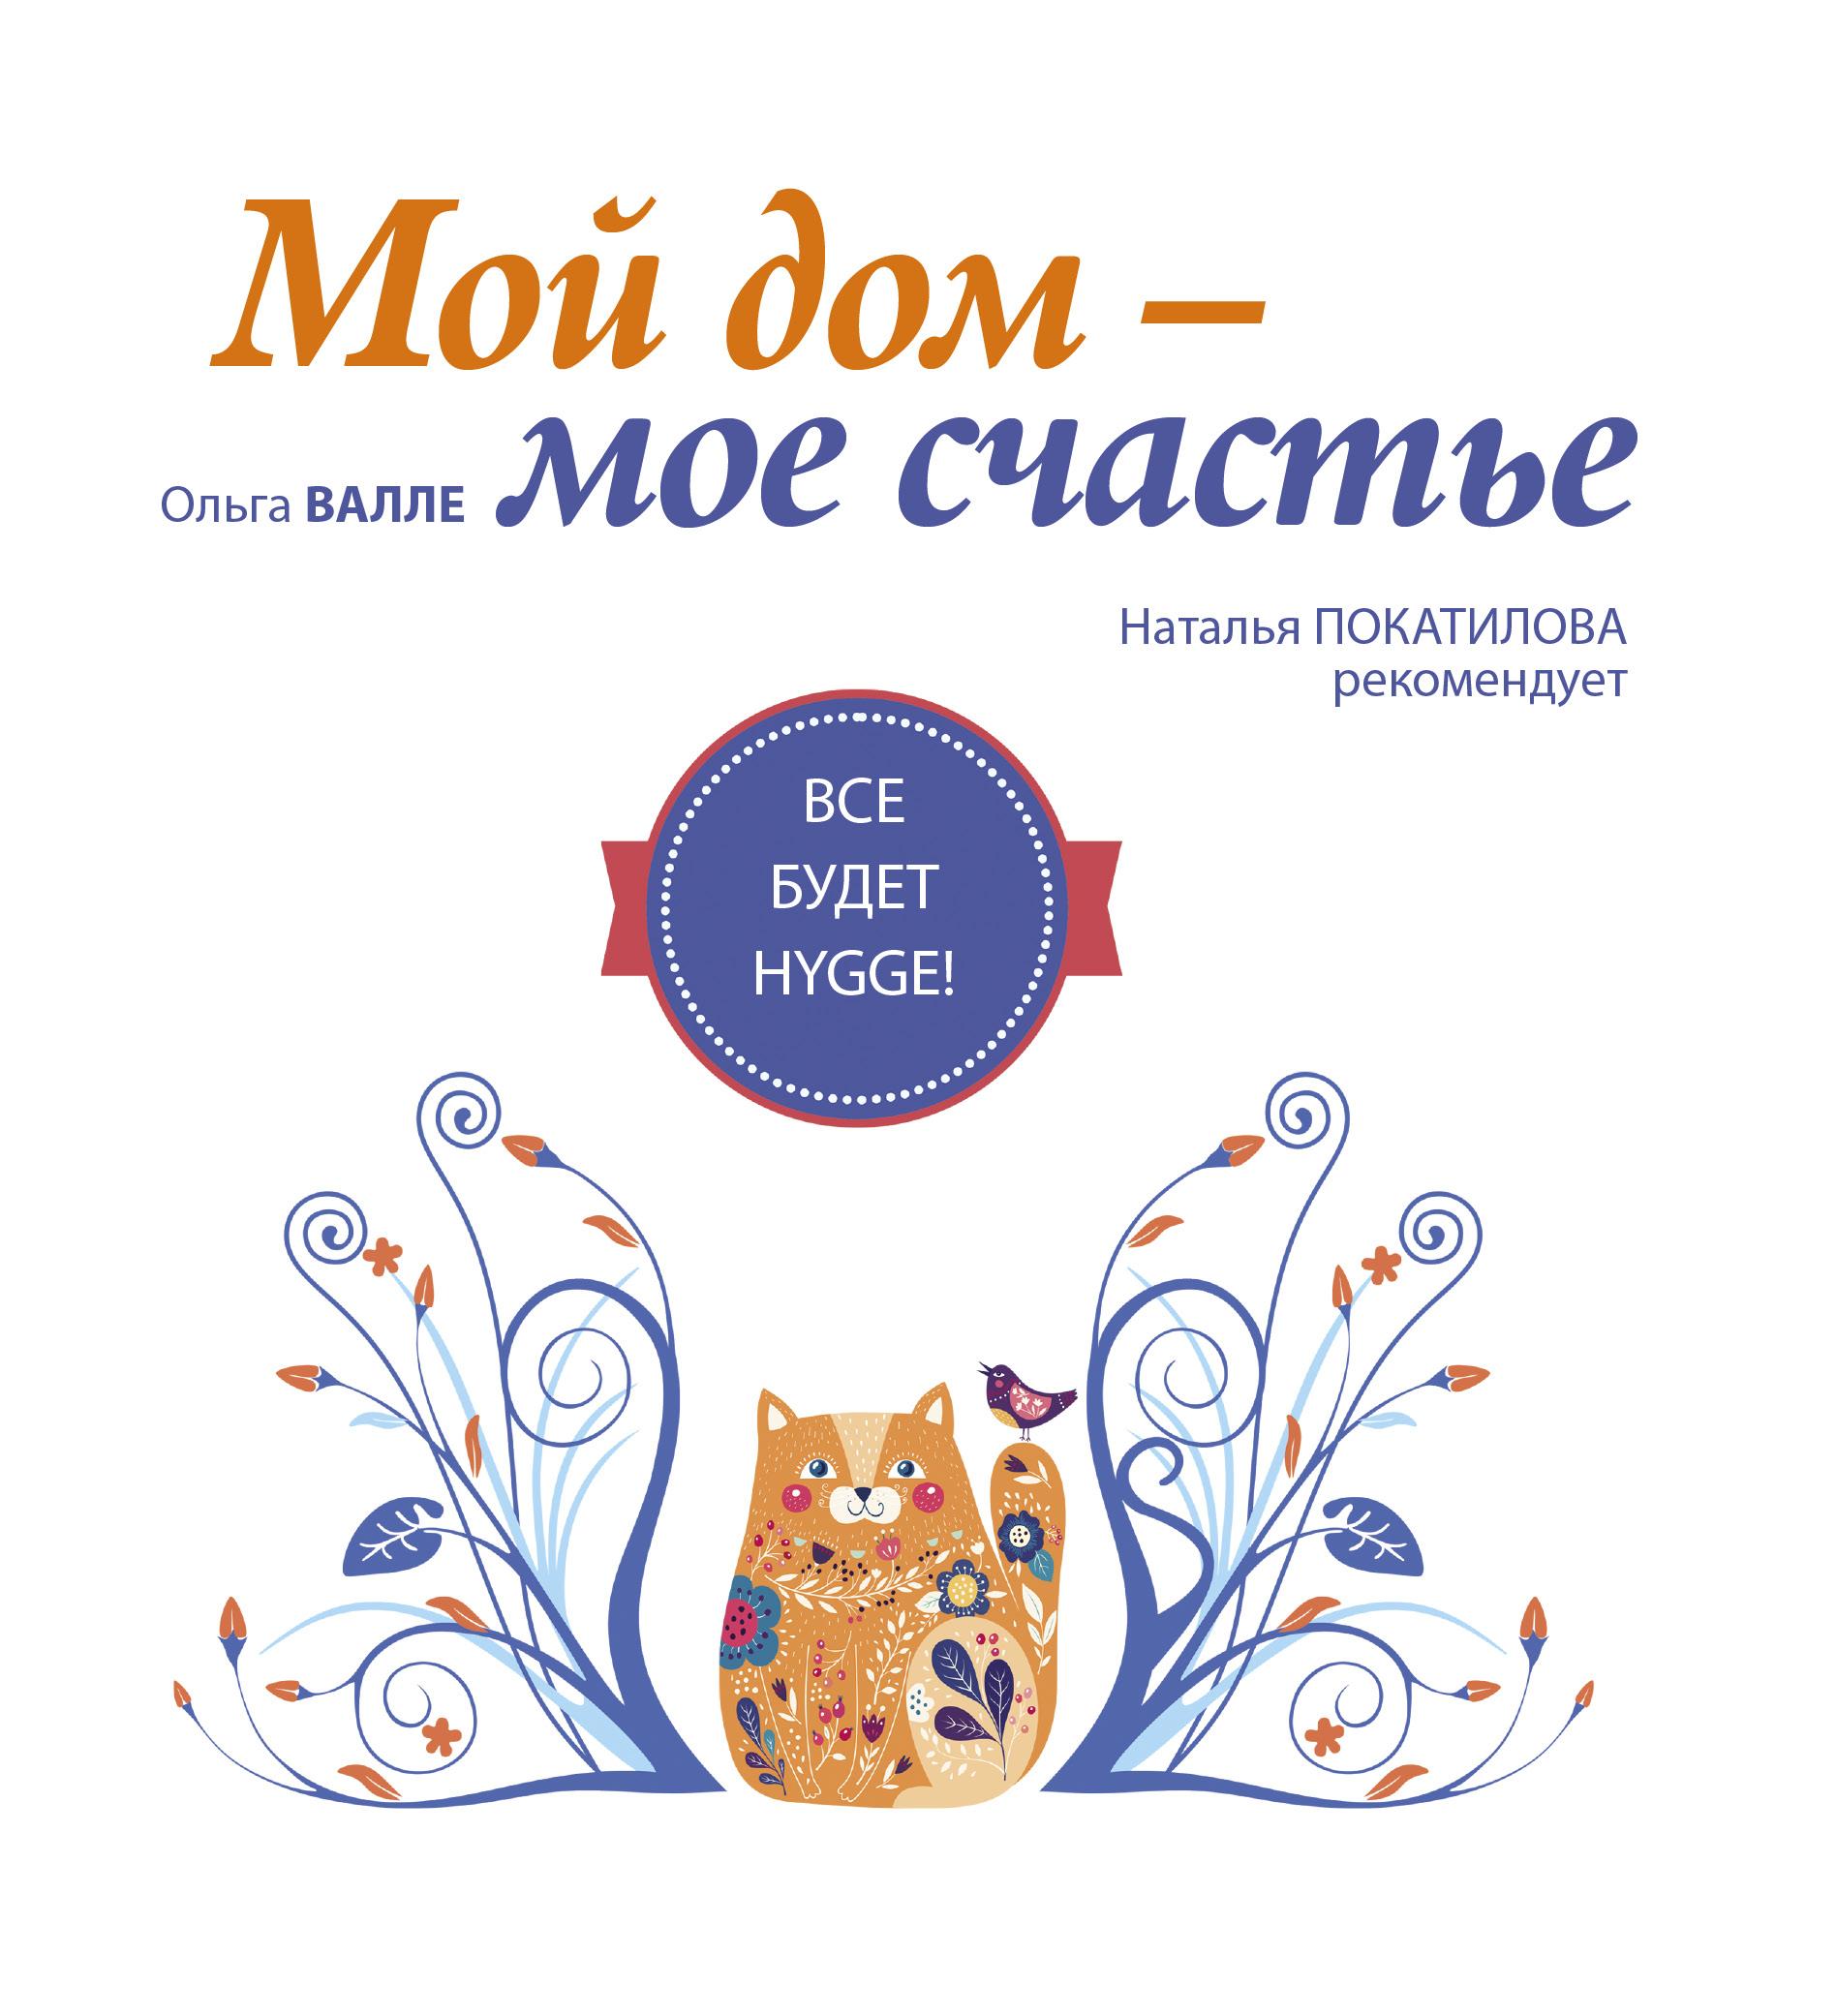 Мой дом - мое счастье: все будет hygge! ( Покатилова Н.А., Валле О.М.  )